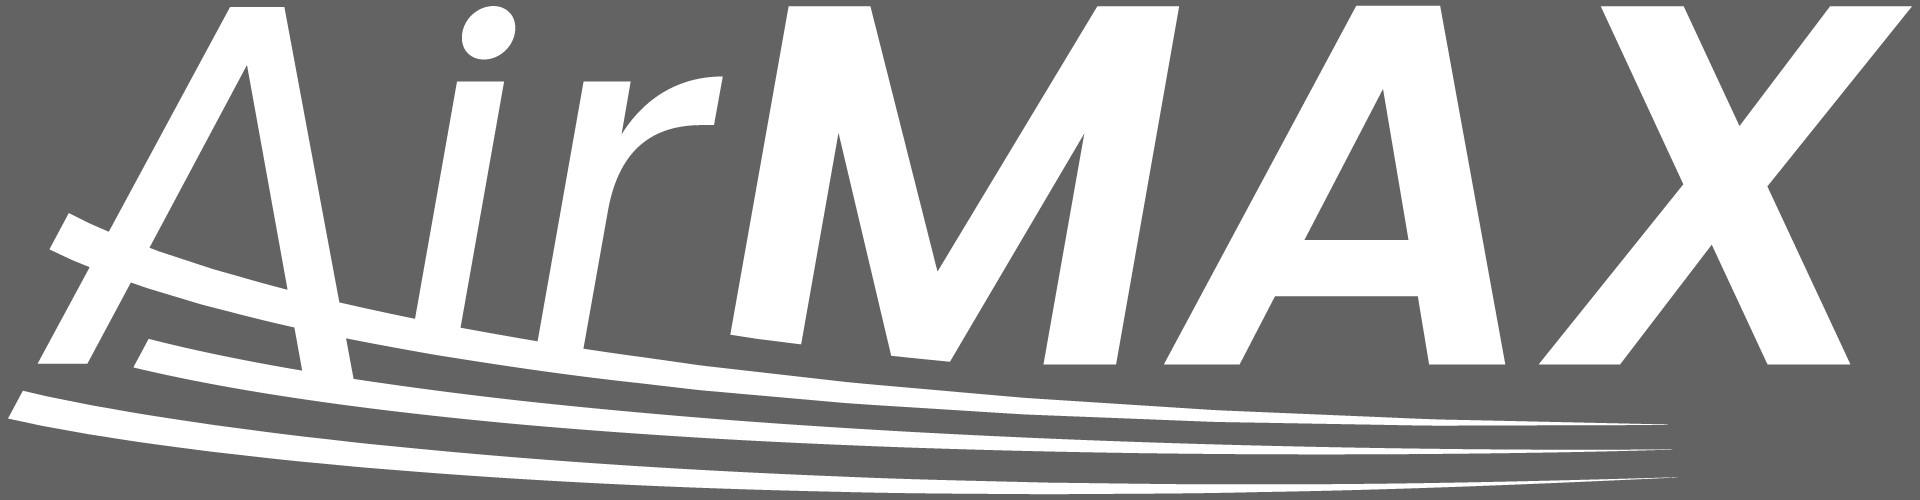 Logo Redesign Ideas (Final Fixes)